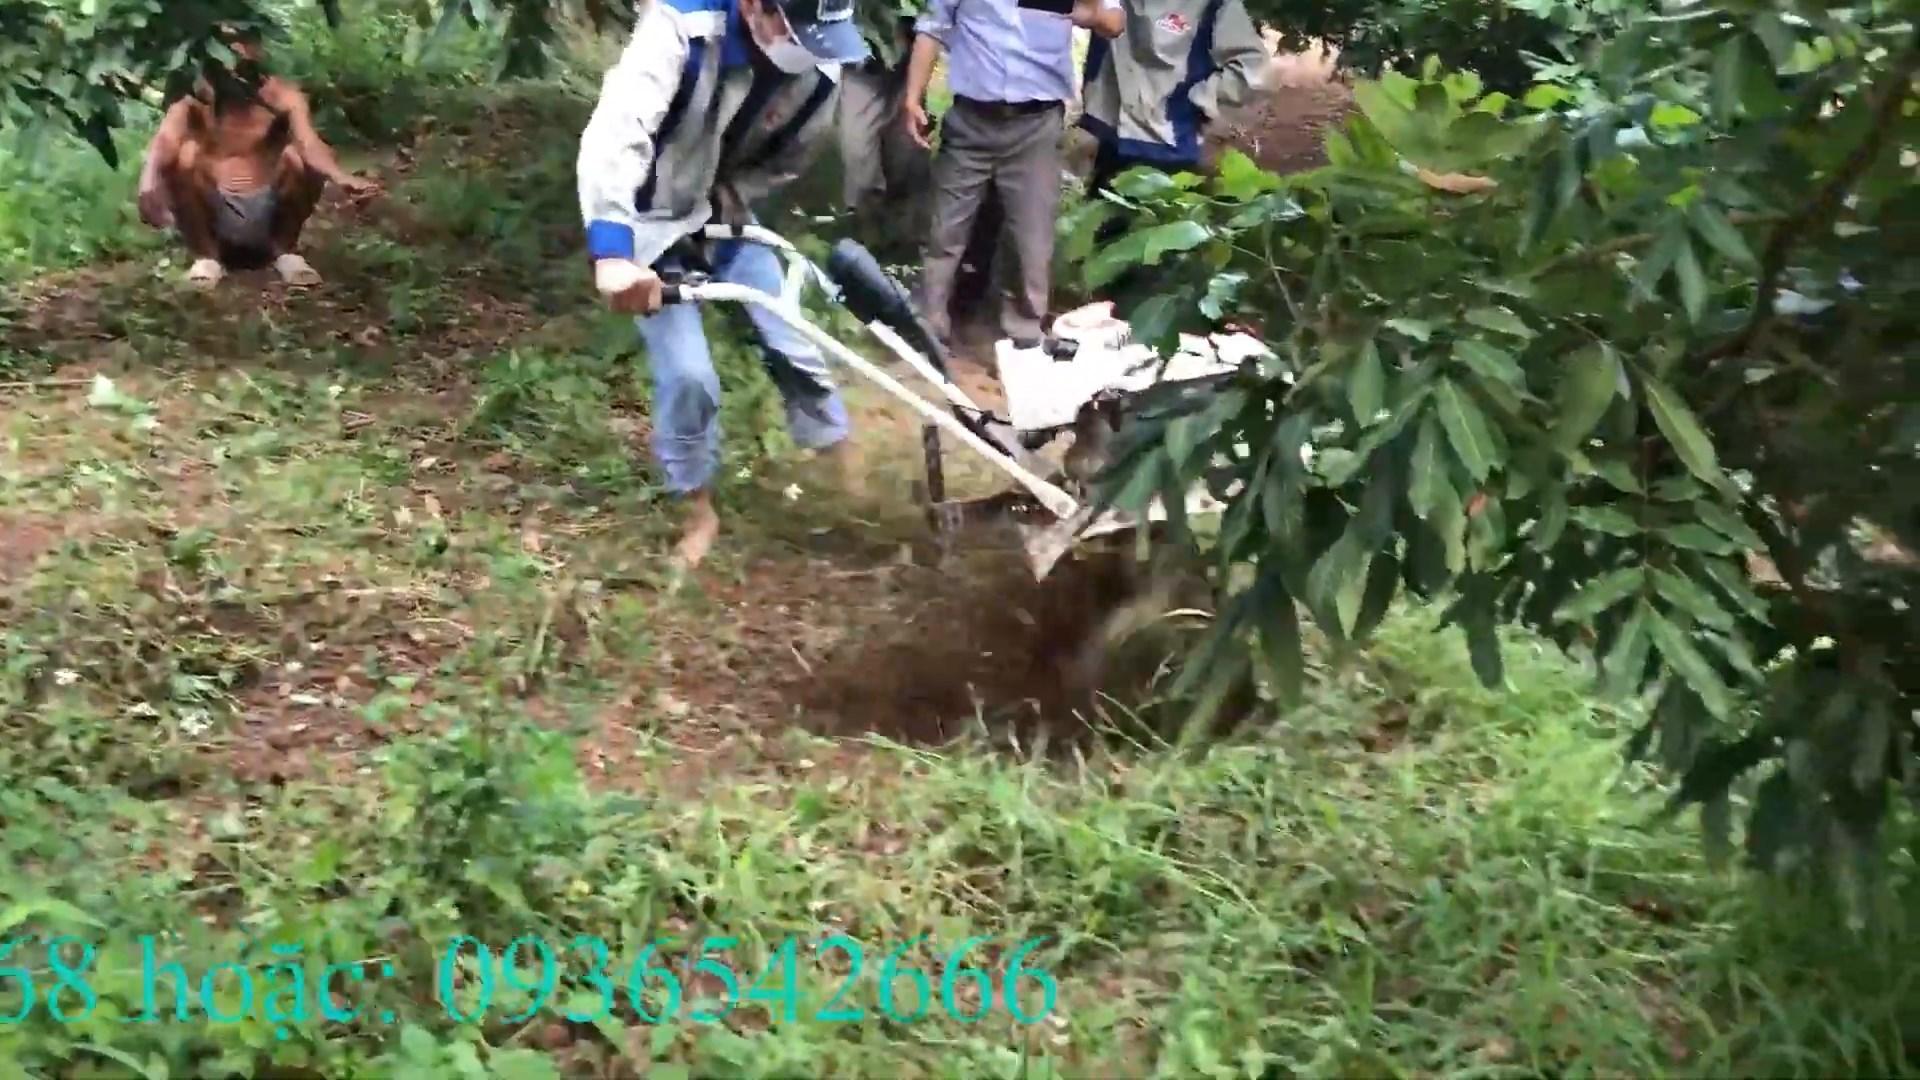 xạc cỏ trong vườn đất cứng bằng máy xới đa năng kachita